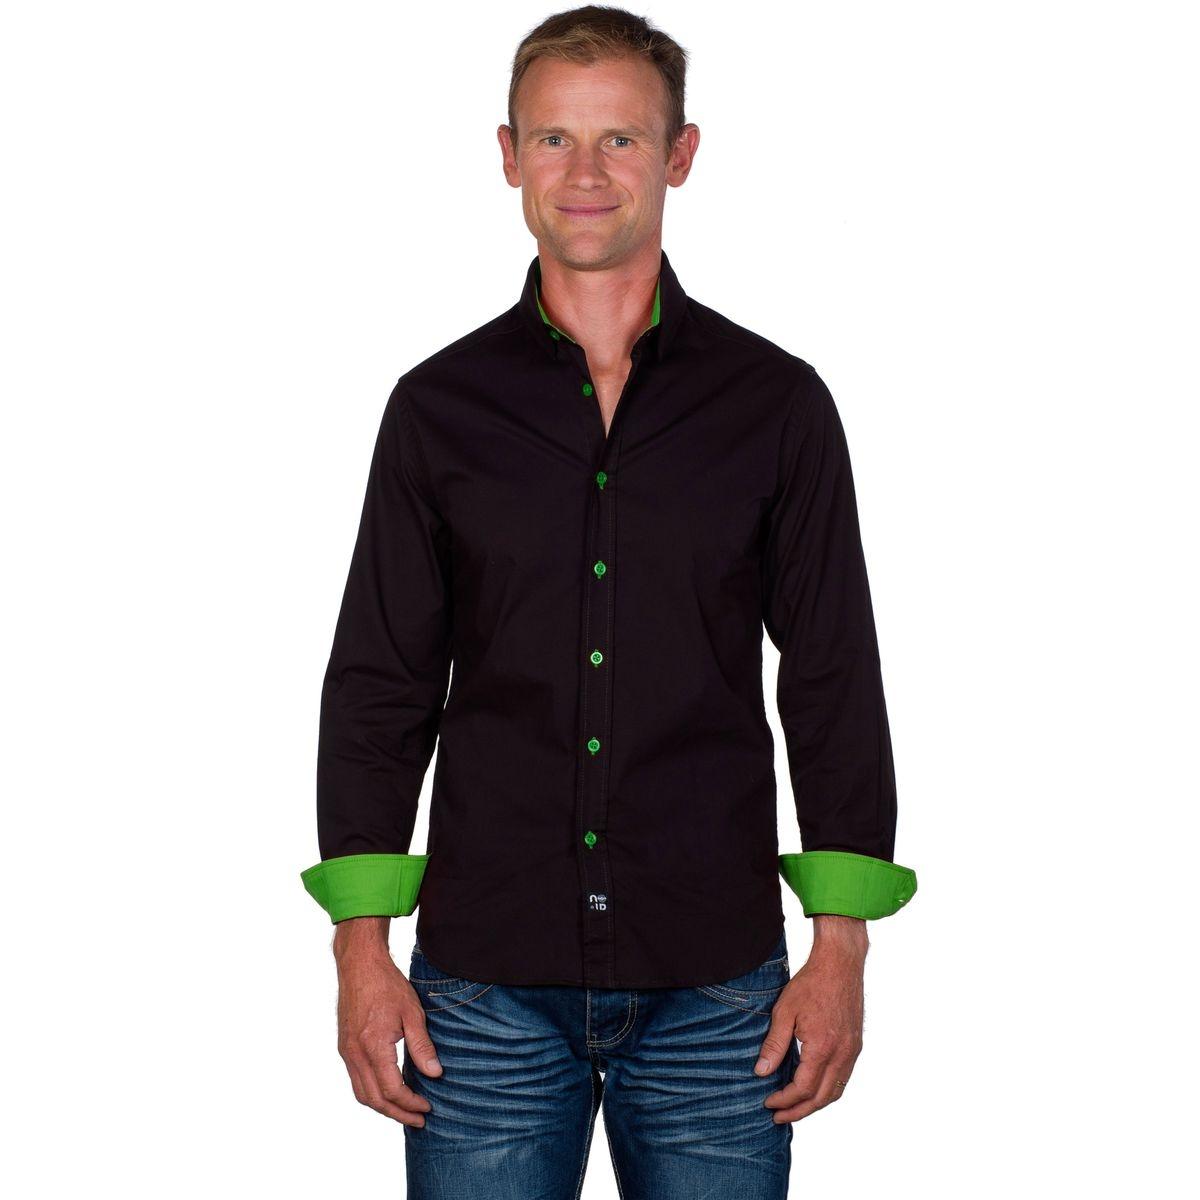 Chemise slim en coton stretch bicolore manches longues